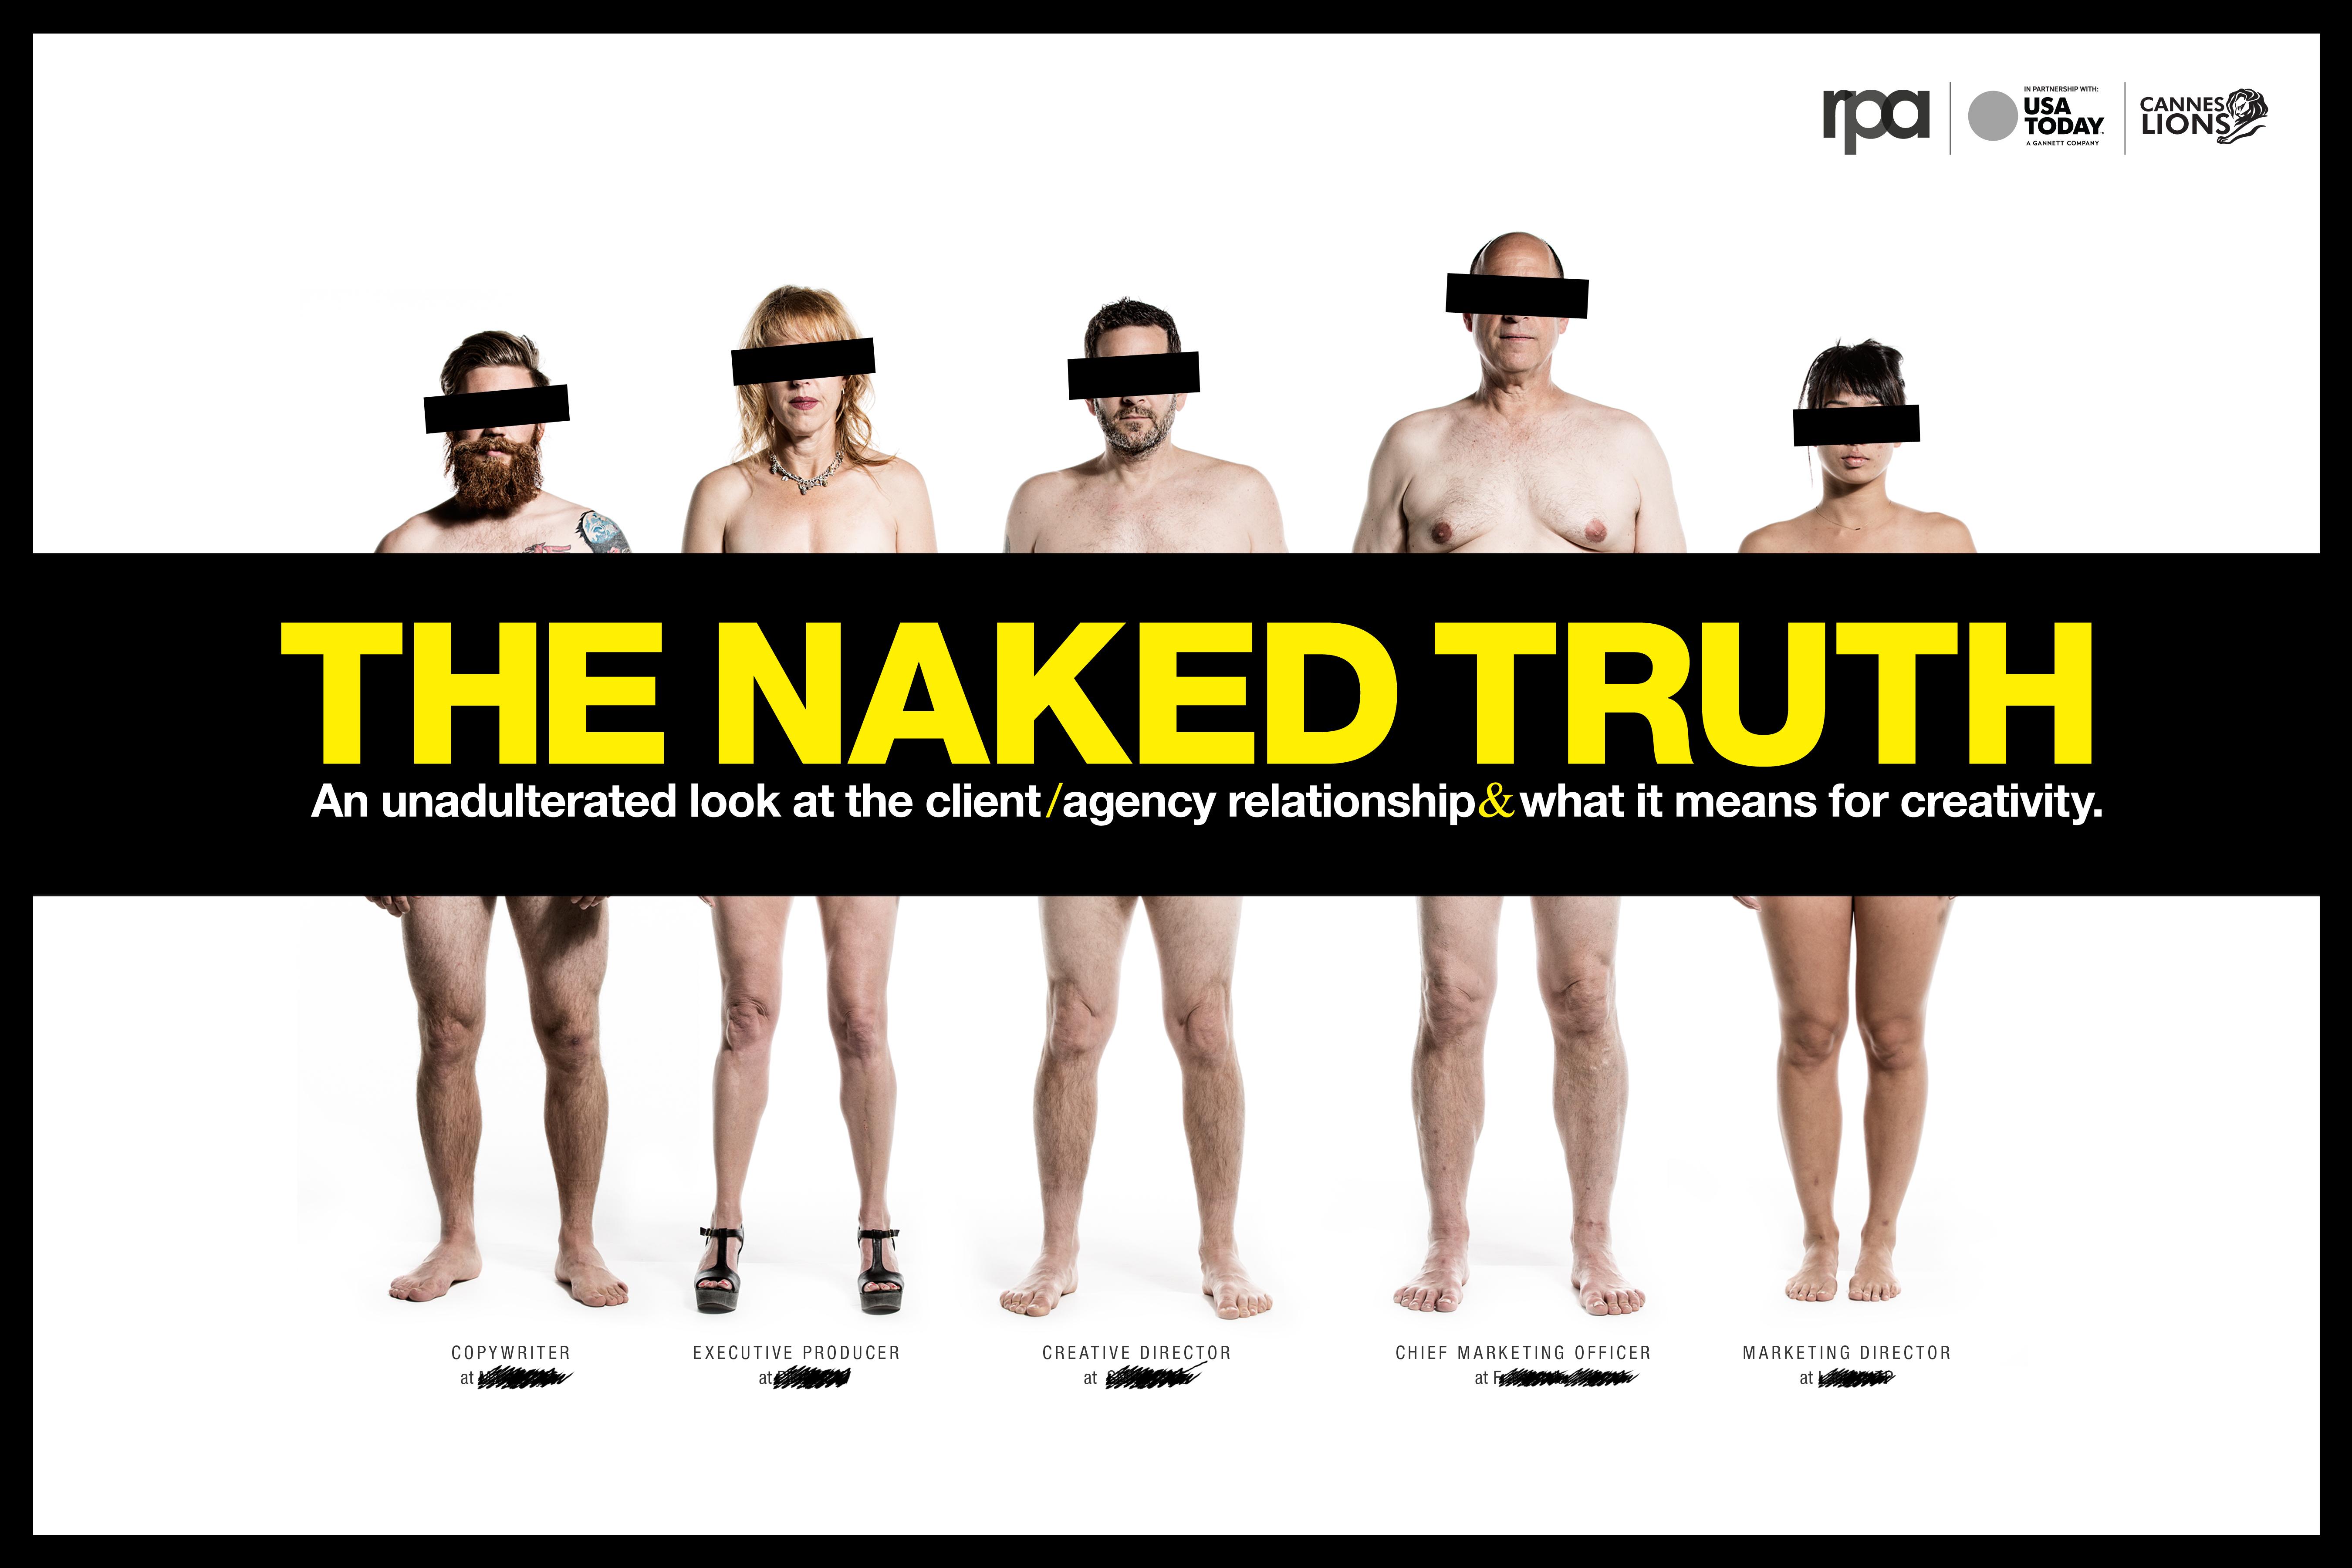 Leslie Nielsen's The Naked Truth Audiobooks Free